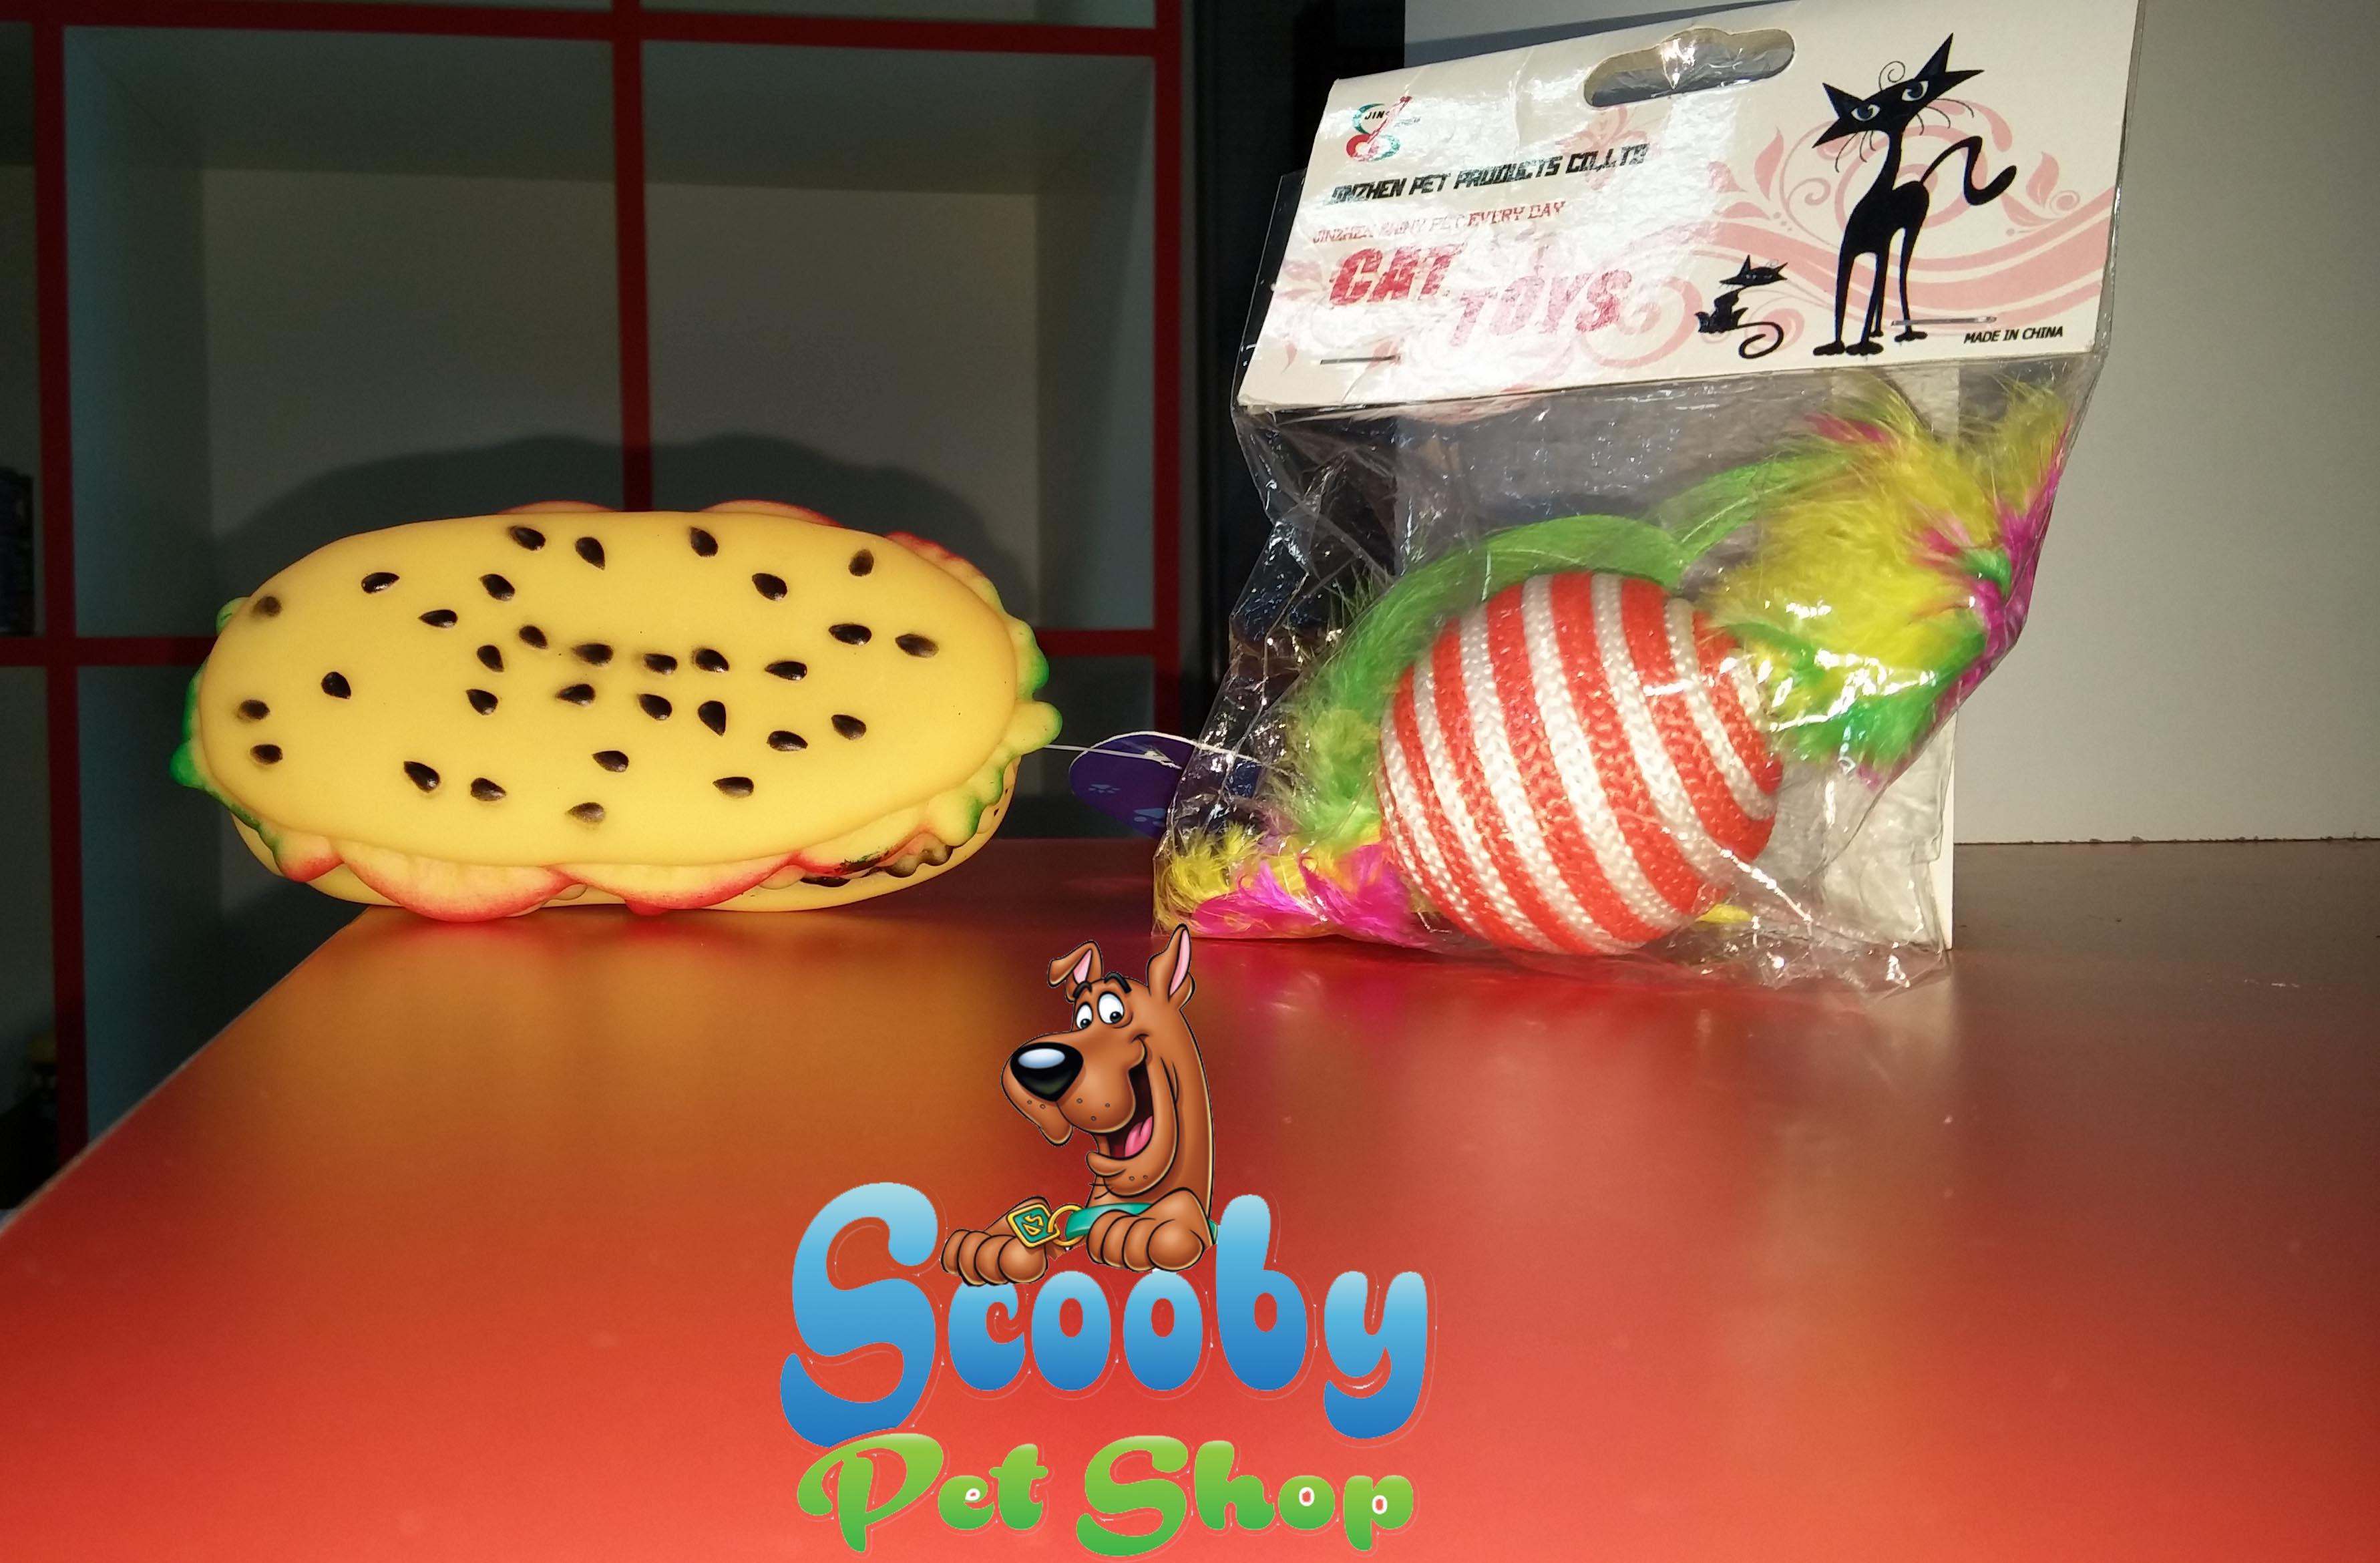 Castiga cu Scooby Pet Shop.